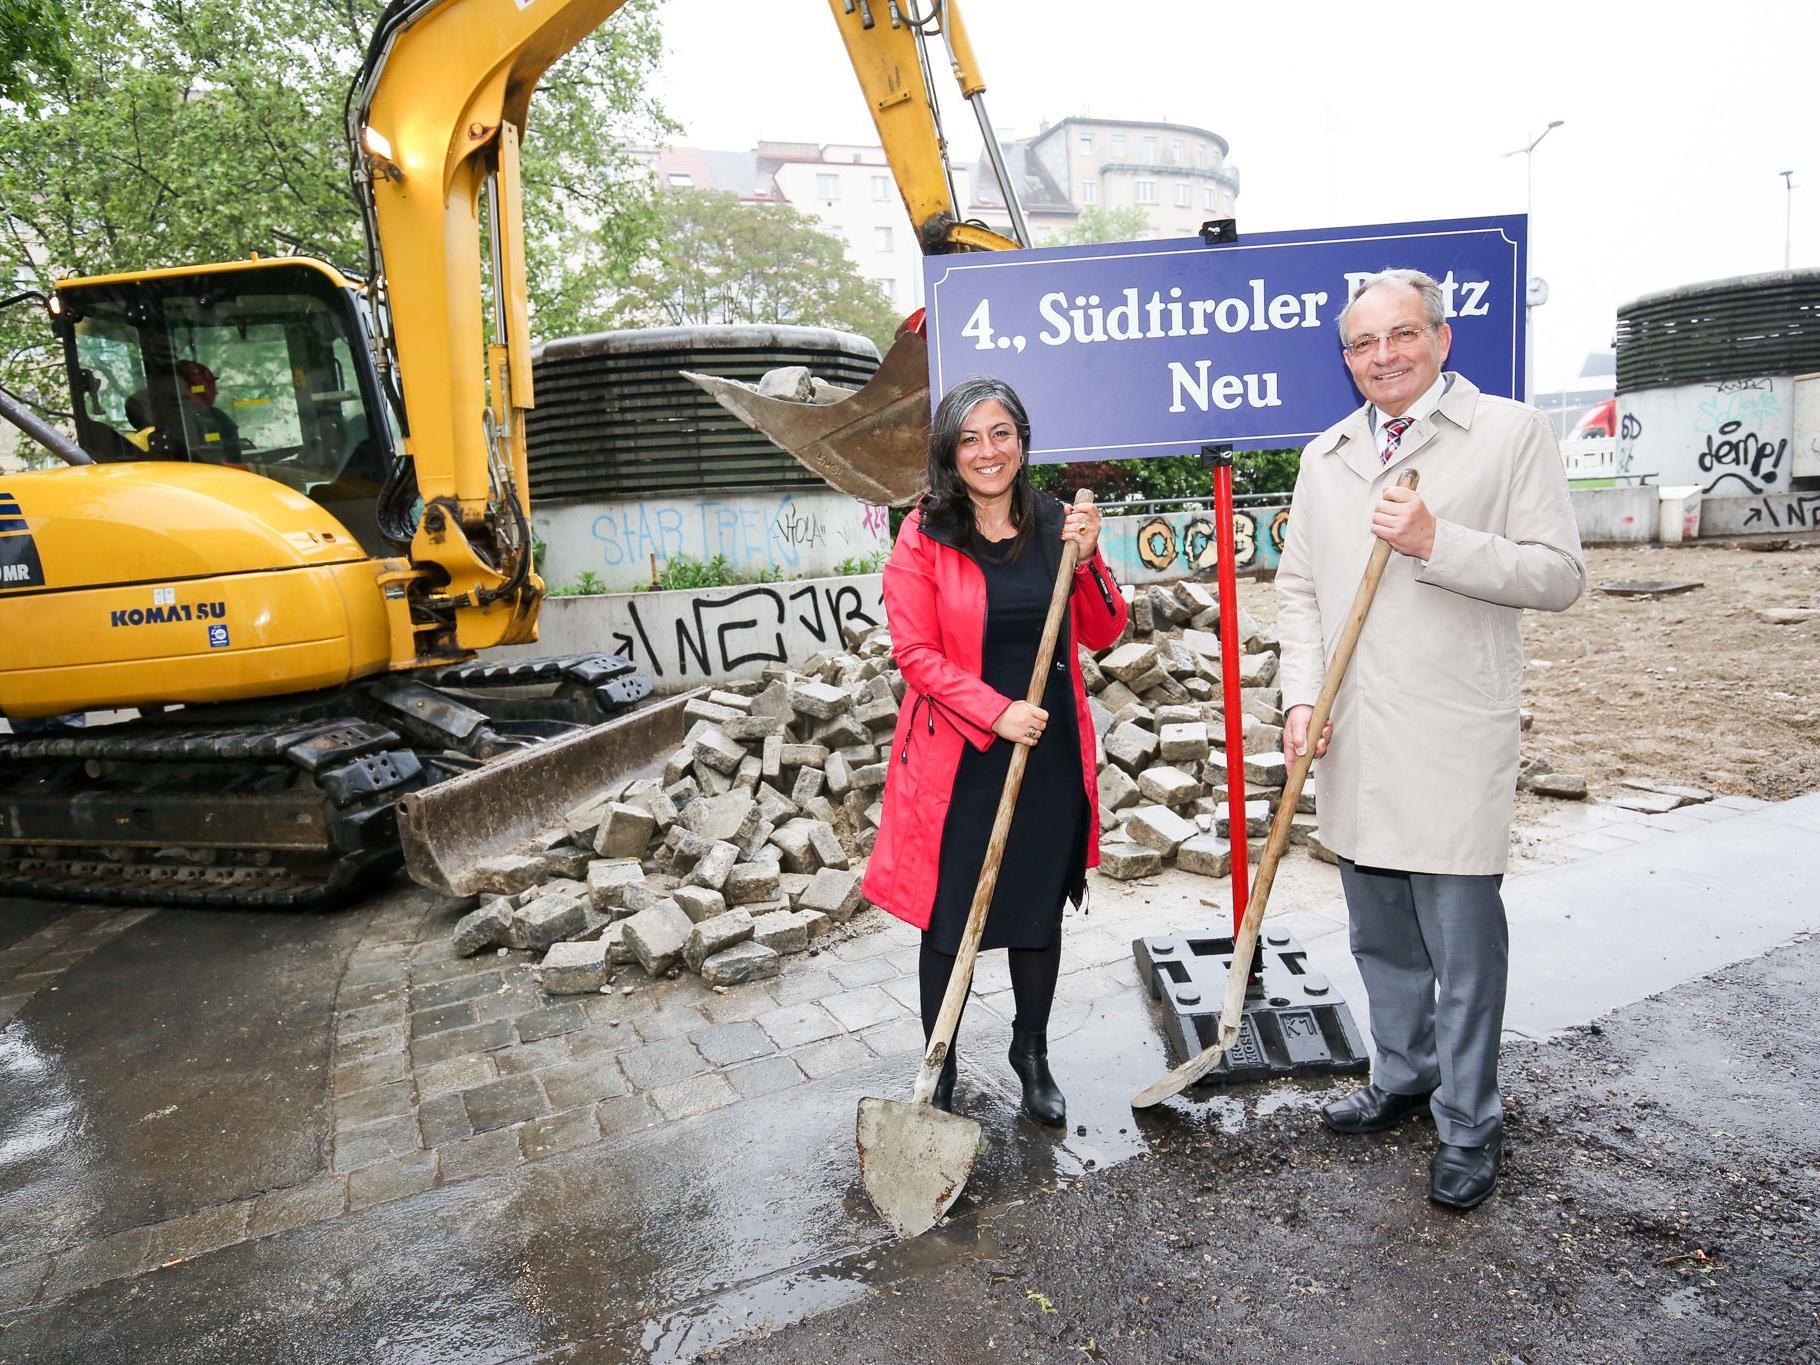 Vzbgm. Maria Vassilakou und der Bezirksvorsteher des 4. Bezirks, Leo Plasch beim Spatenstich für die Neugestaltung des Südtiroler Platzes.